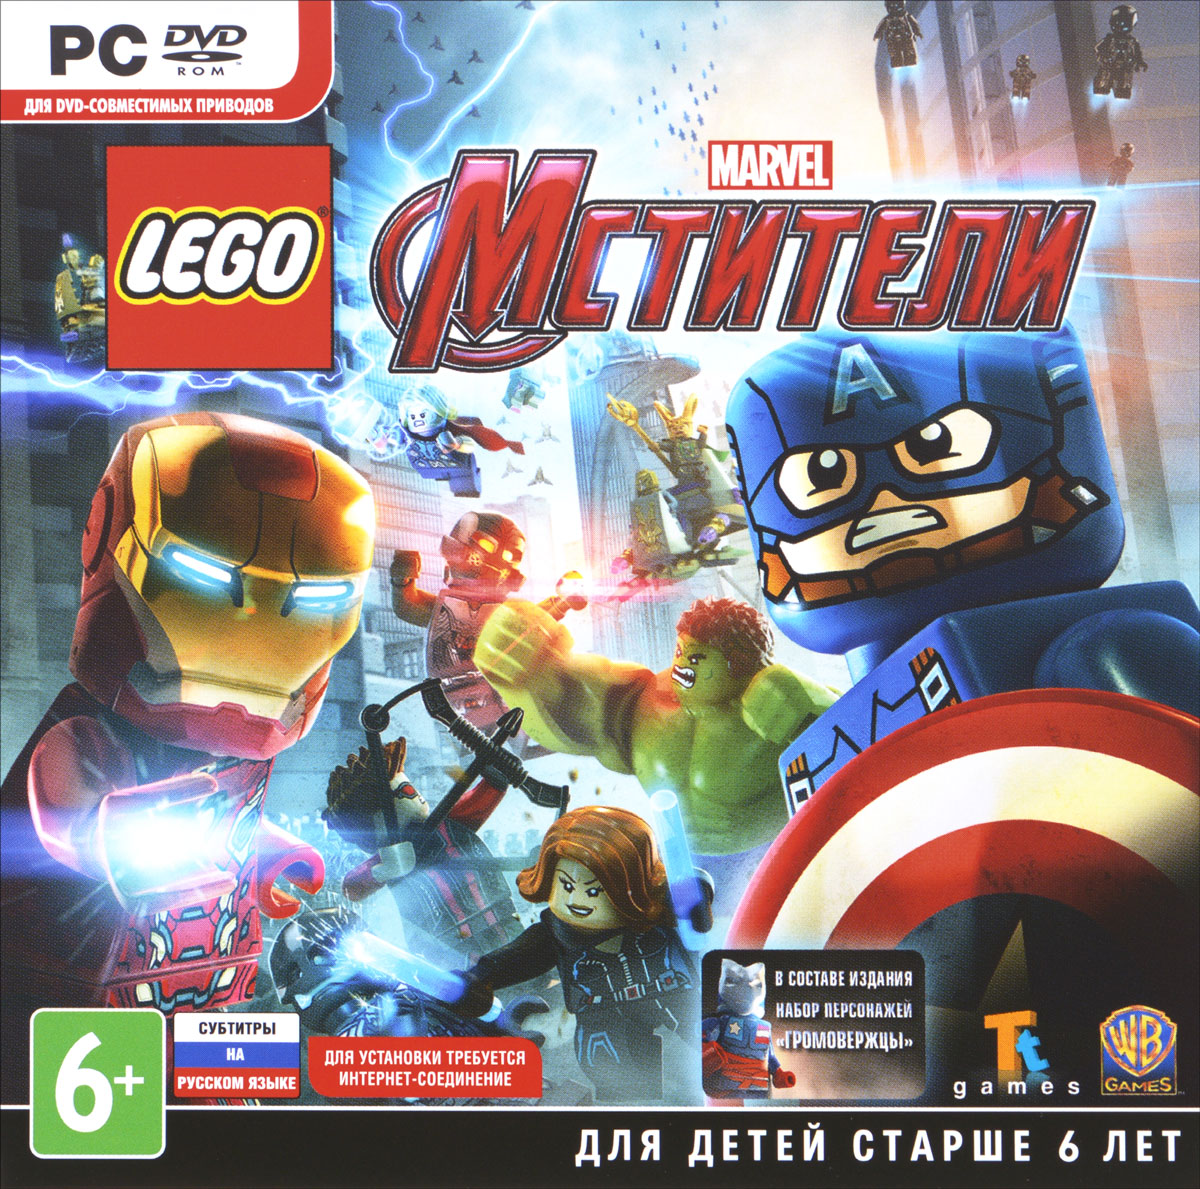 LEGO: Marvel Мстители мстители эра альтрона фигурка халк башкотряс